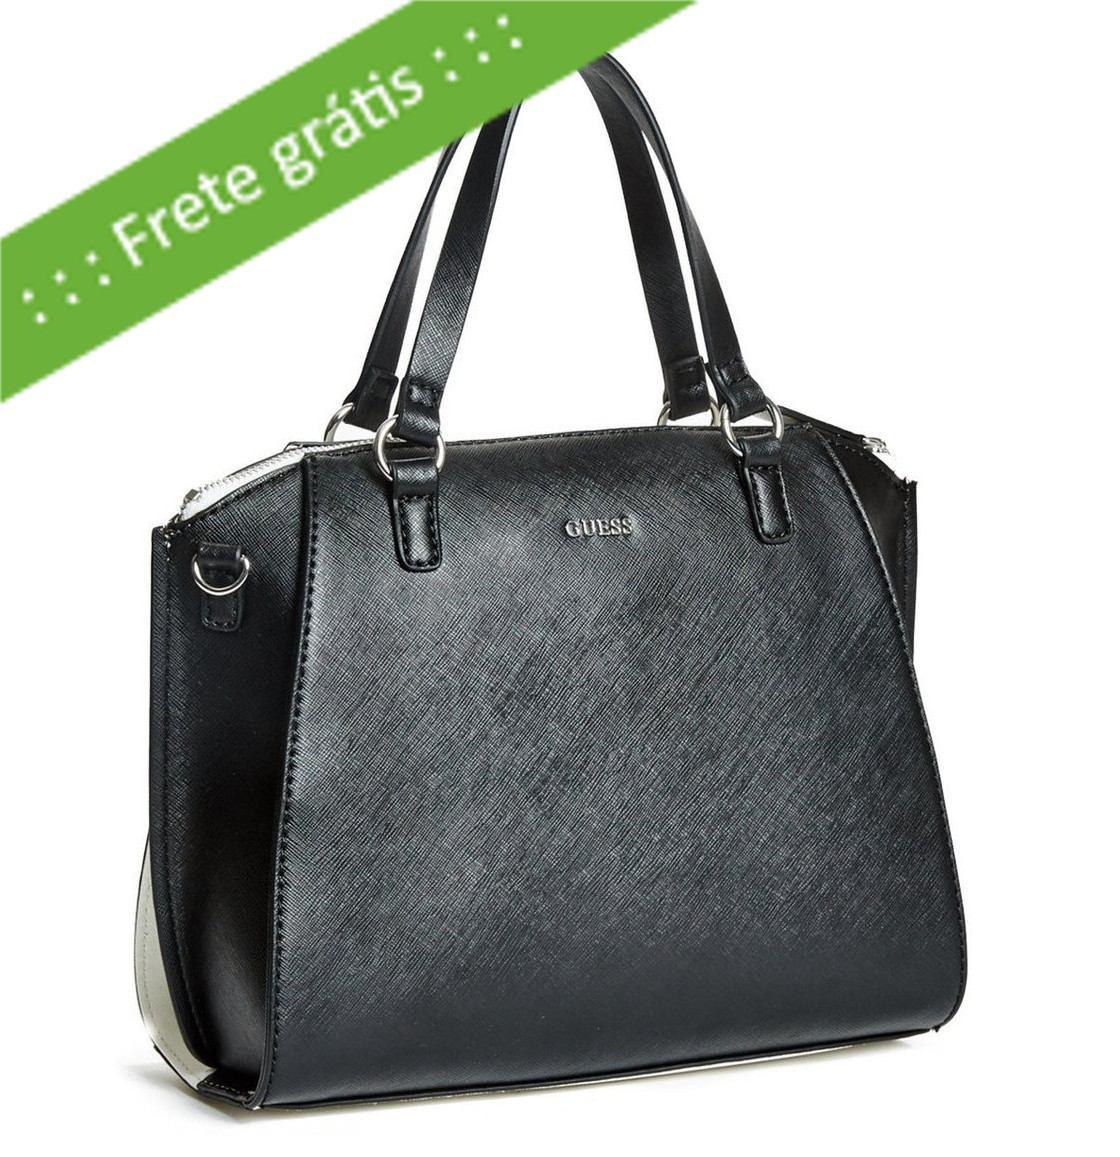 4d0c76e81 bolsa guess satchel preta/branca importada original promoção. Carregando  zoom.